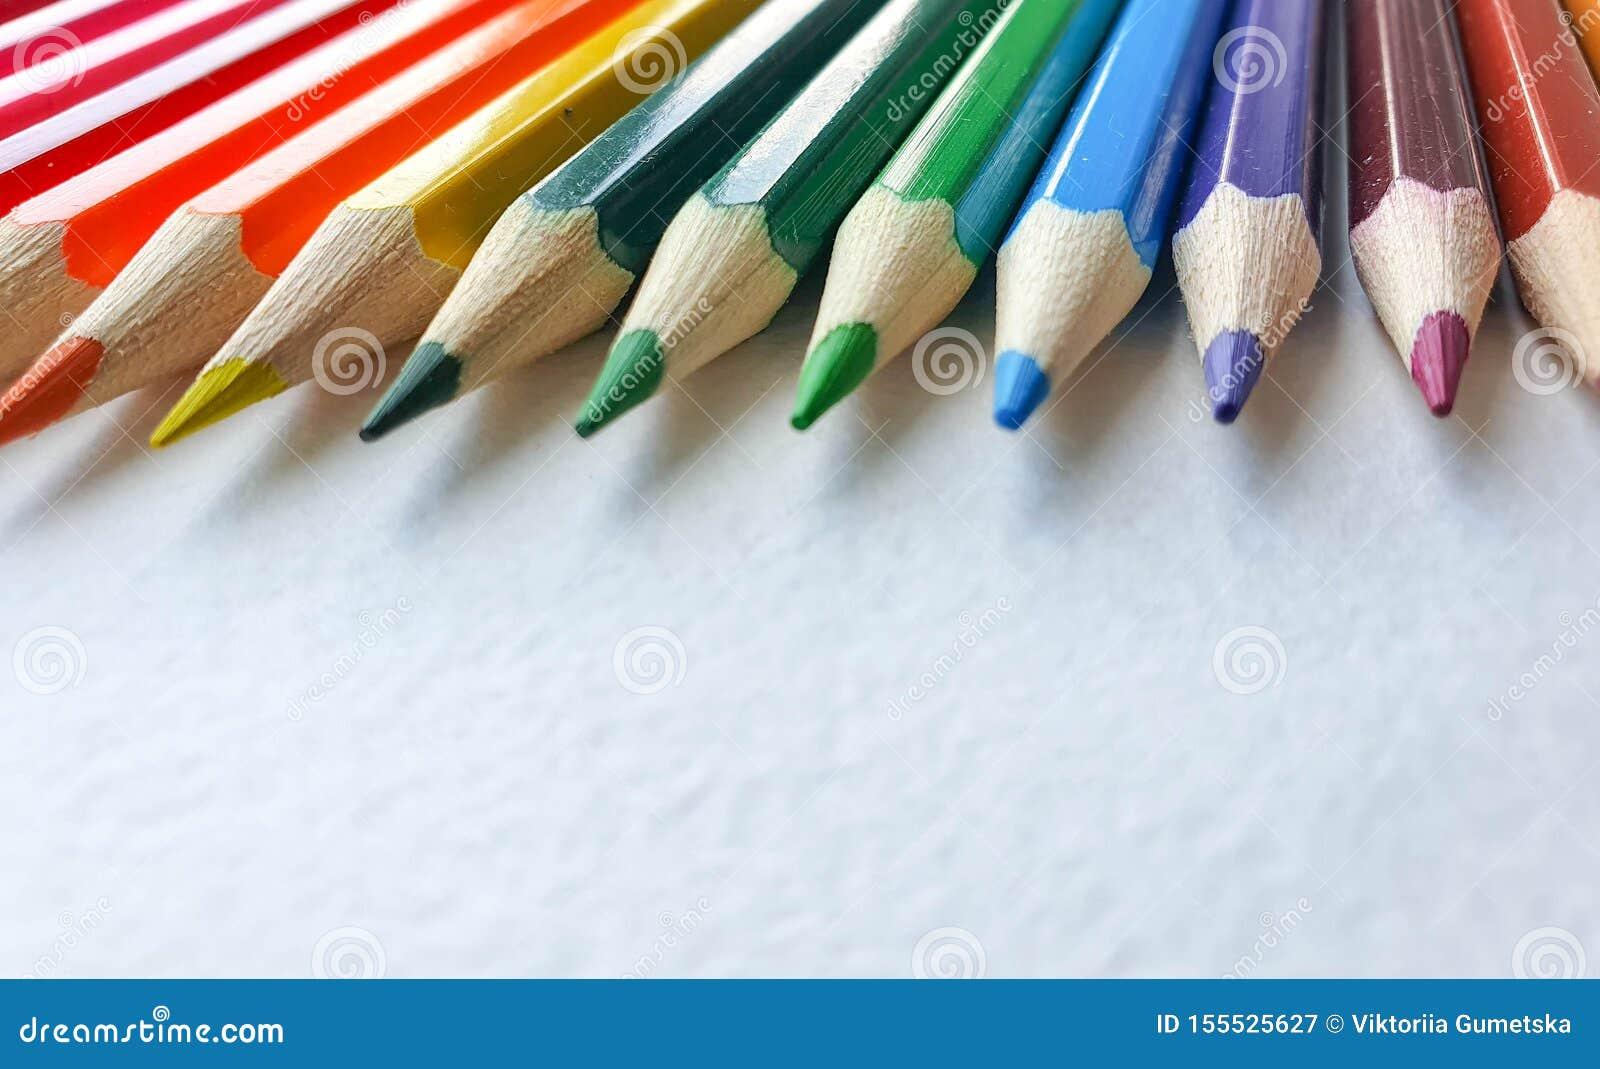 Lápices coloreados de madera, estilo del arco iris, en la hoja blanca del papel de dibujo con textura específica Copie el espacio